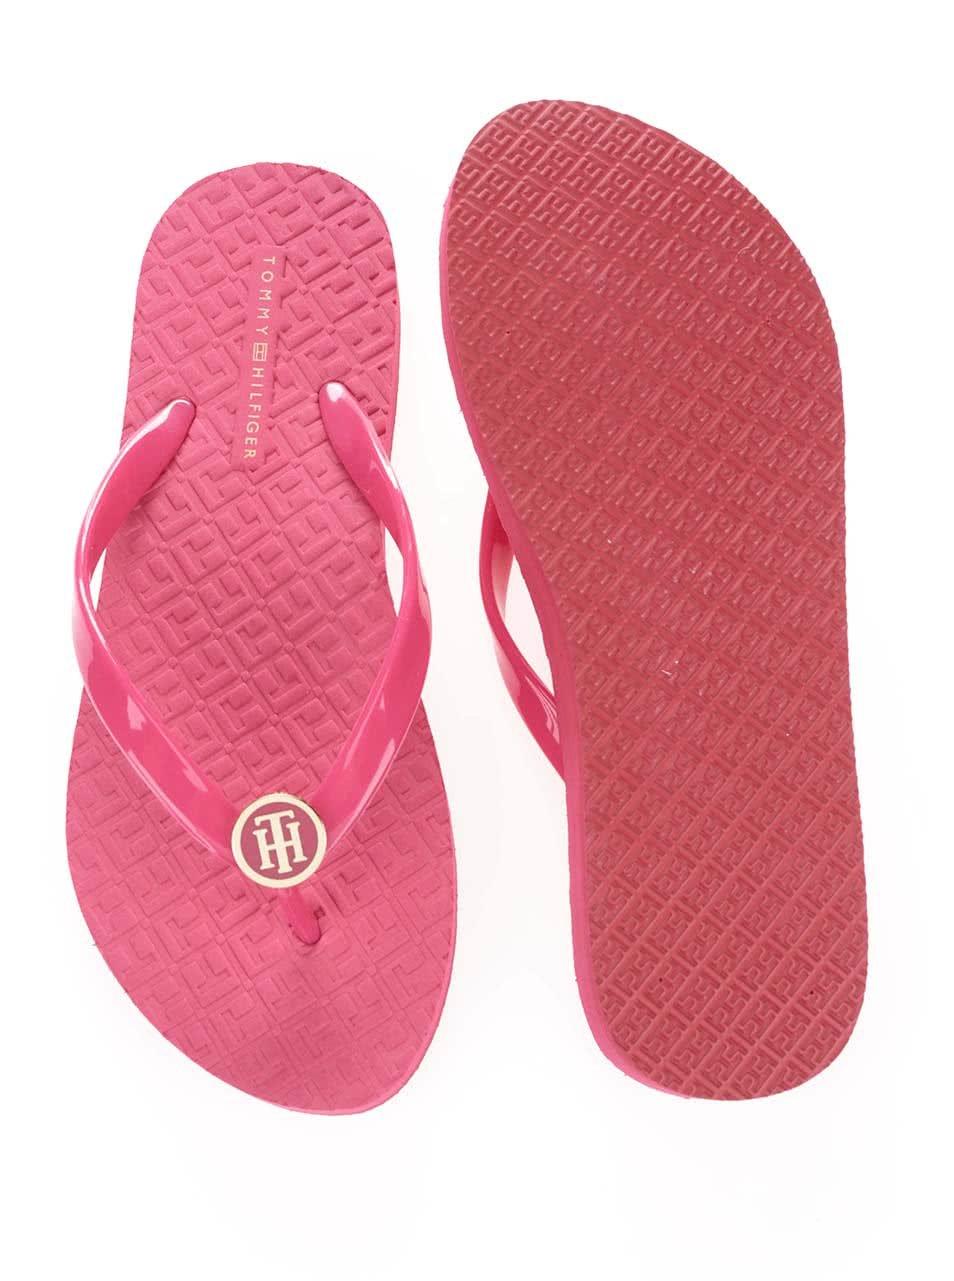 3d39e85c61b Růžové lesklé dámské žabky Tommy Hilfiger ...